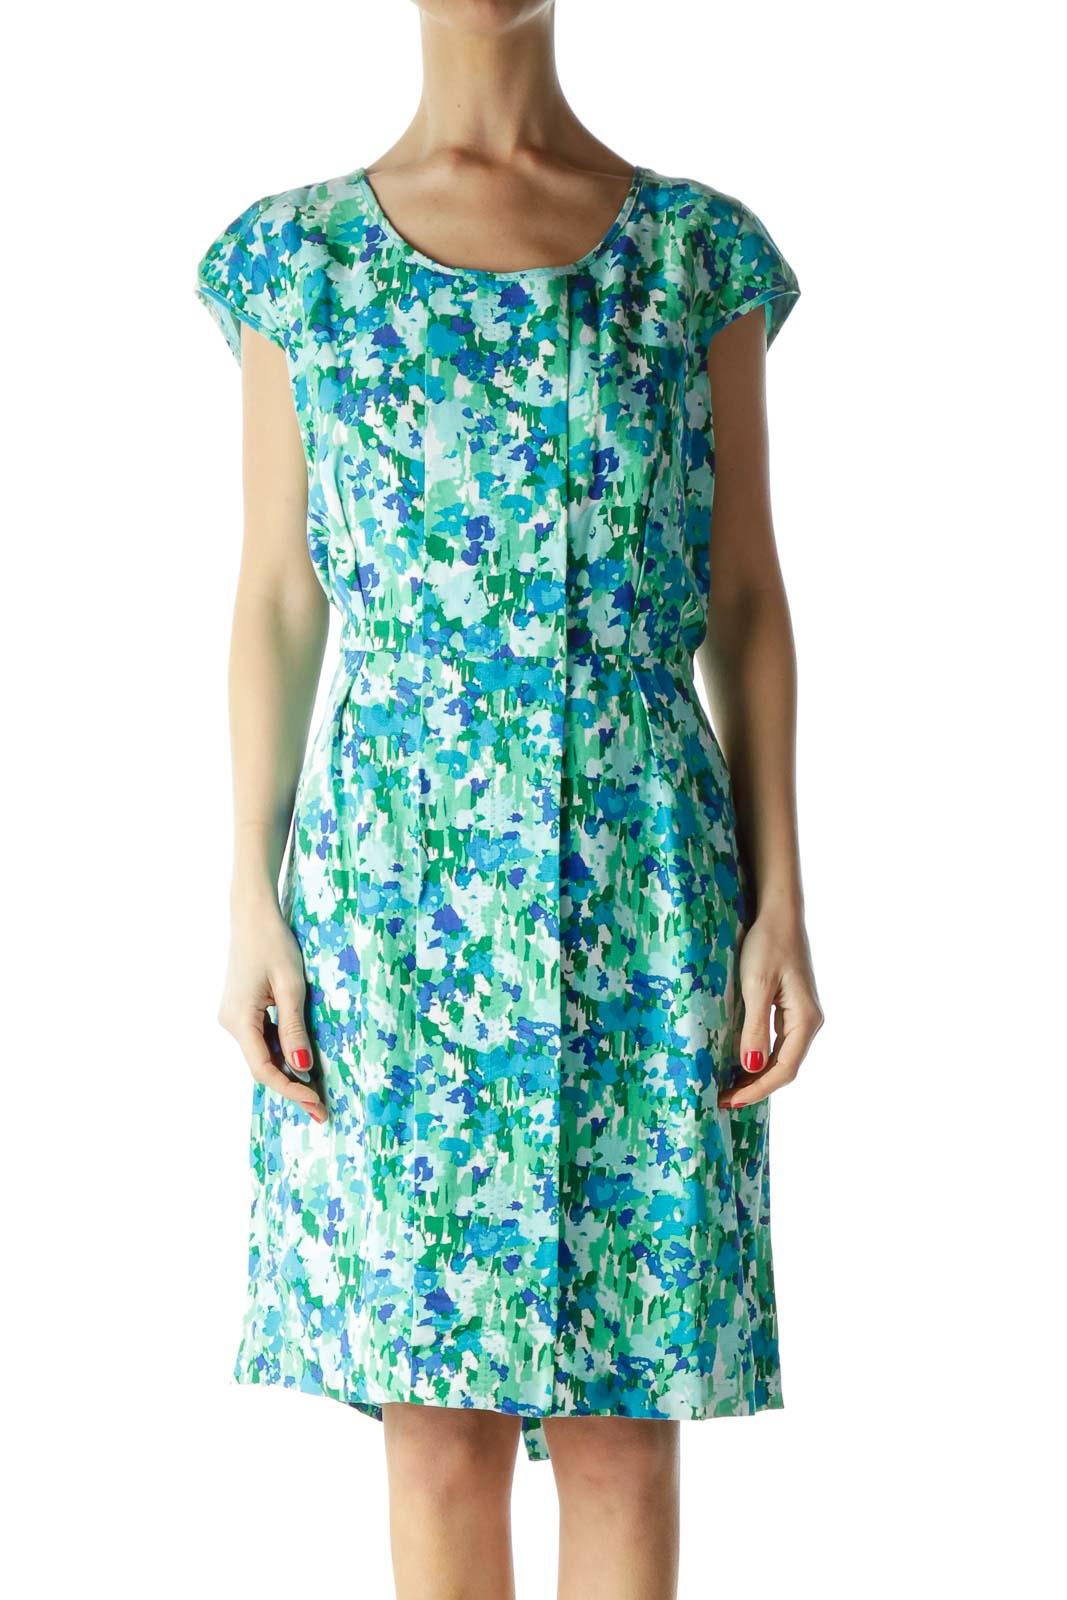 Green Print Linen Cap Sleeve Dress Front